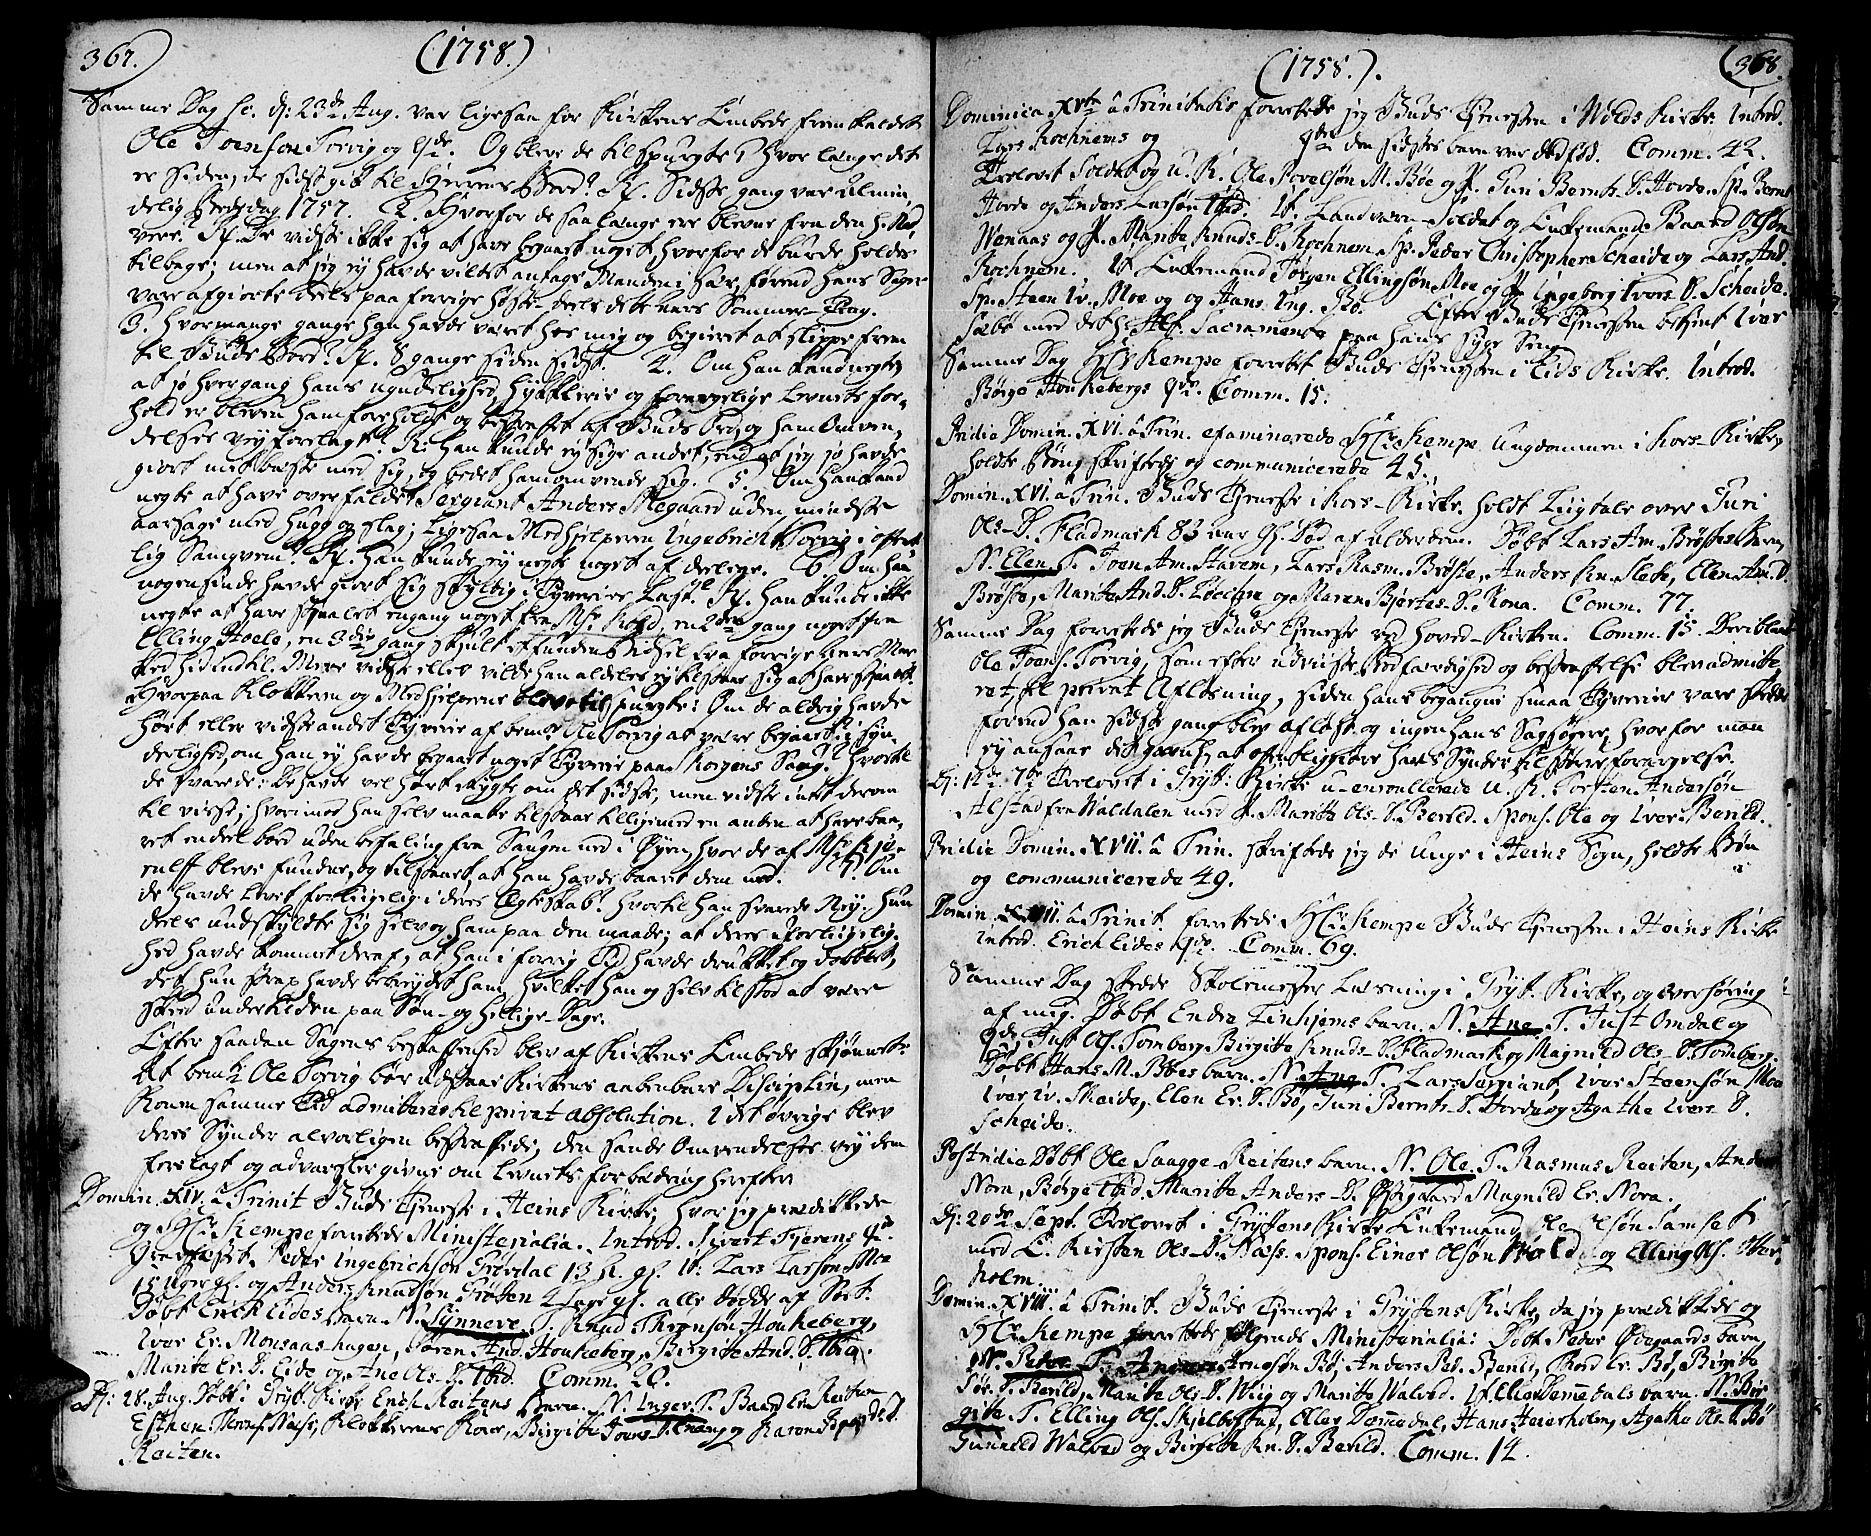 SAT, Ministerialprotokoller, klokkerbøker og fødselsregistre - Møre og Romsdal, 544/L0568: Ministerialbok nr. 544A01, 1725-1763, s. 367-368